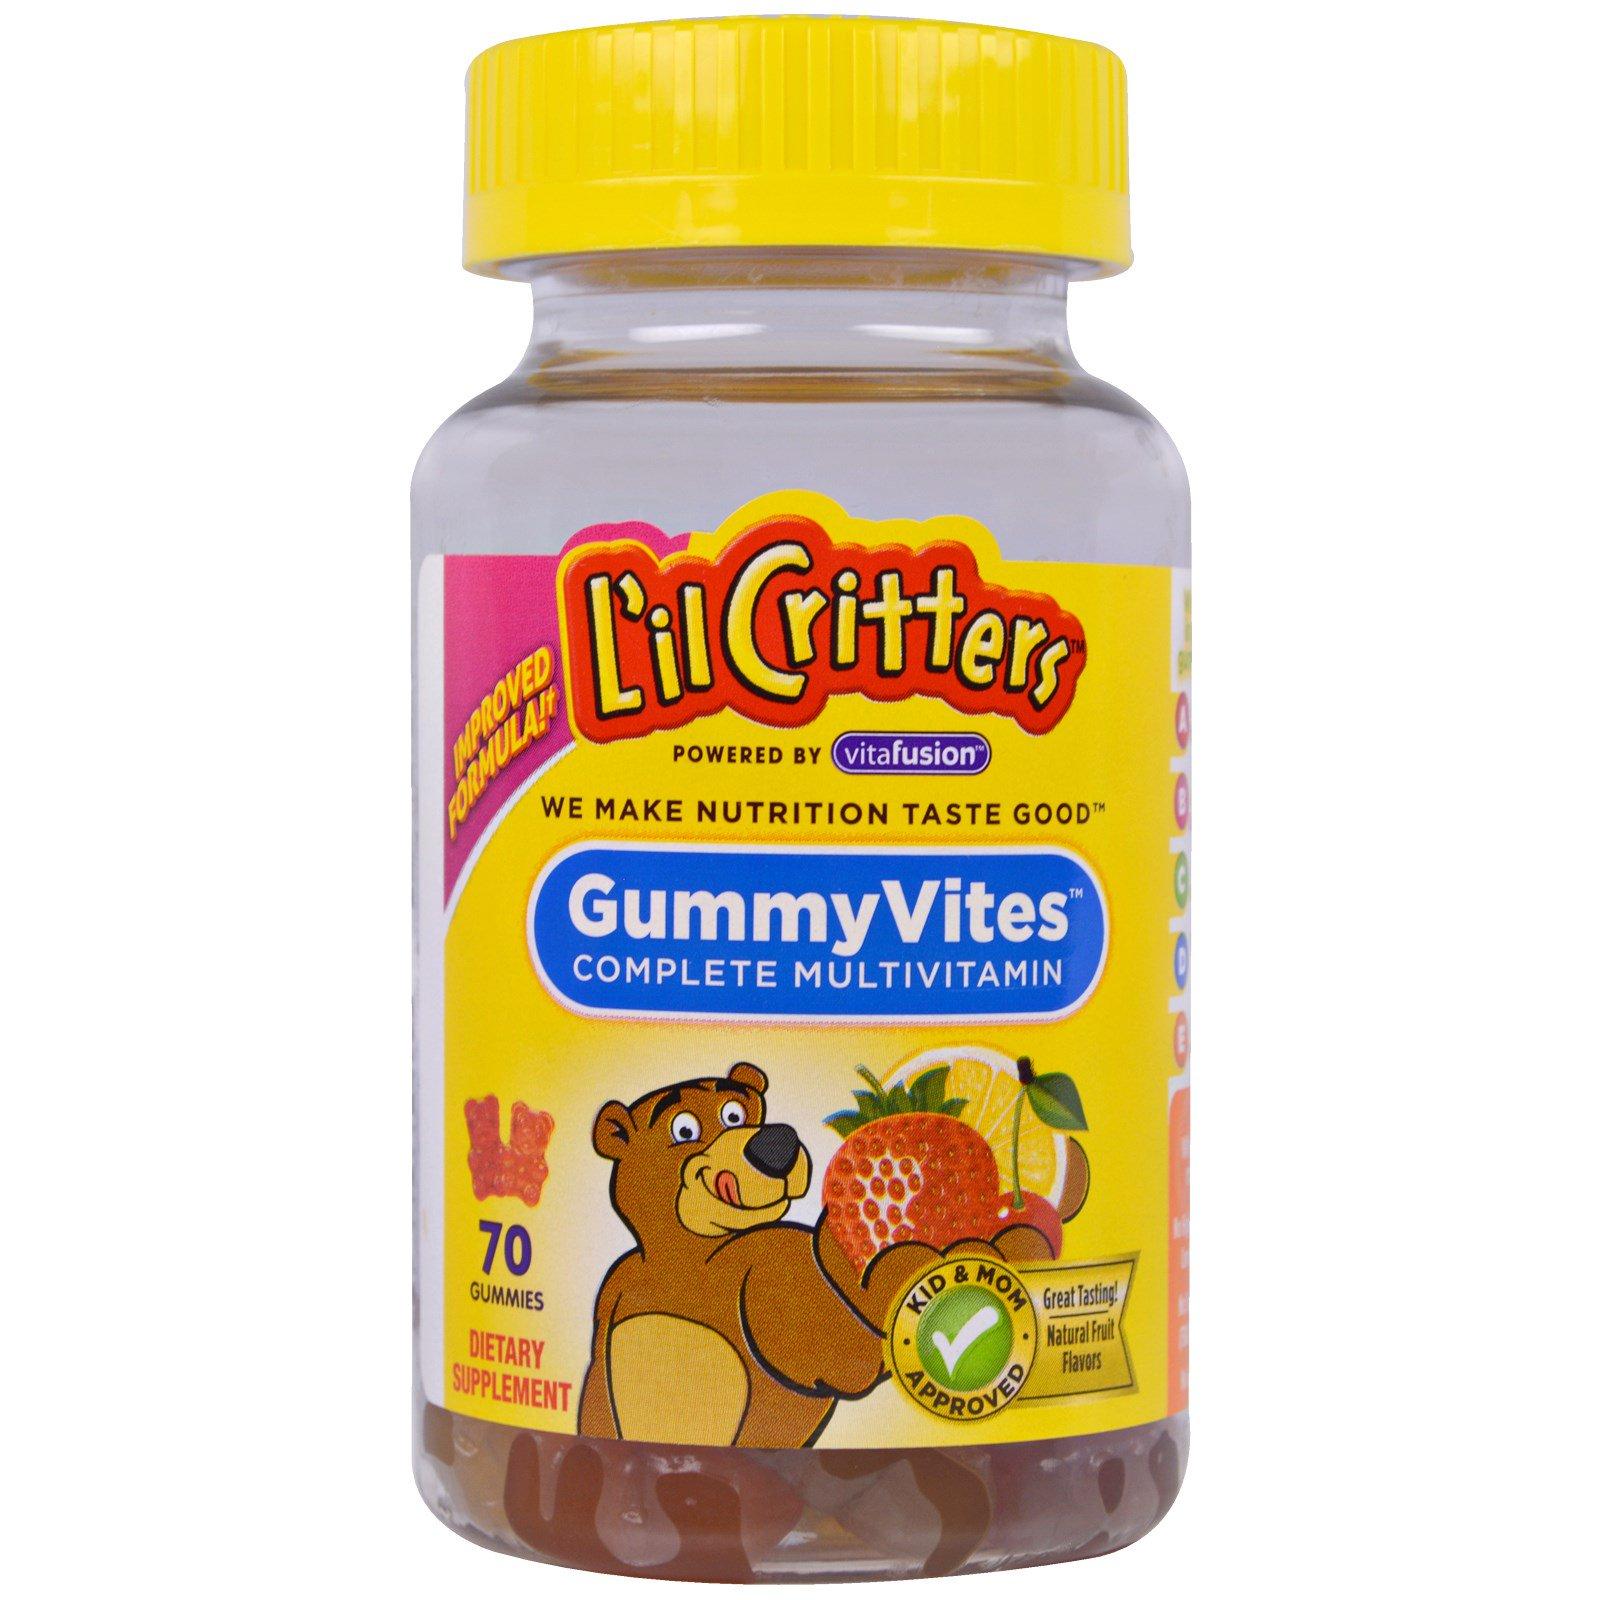 �y�f�.�:(�9il�f�x�_l\'il critters, 维他软糖,完全复合维生素,天然水果口味,70颗软糖